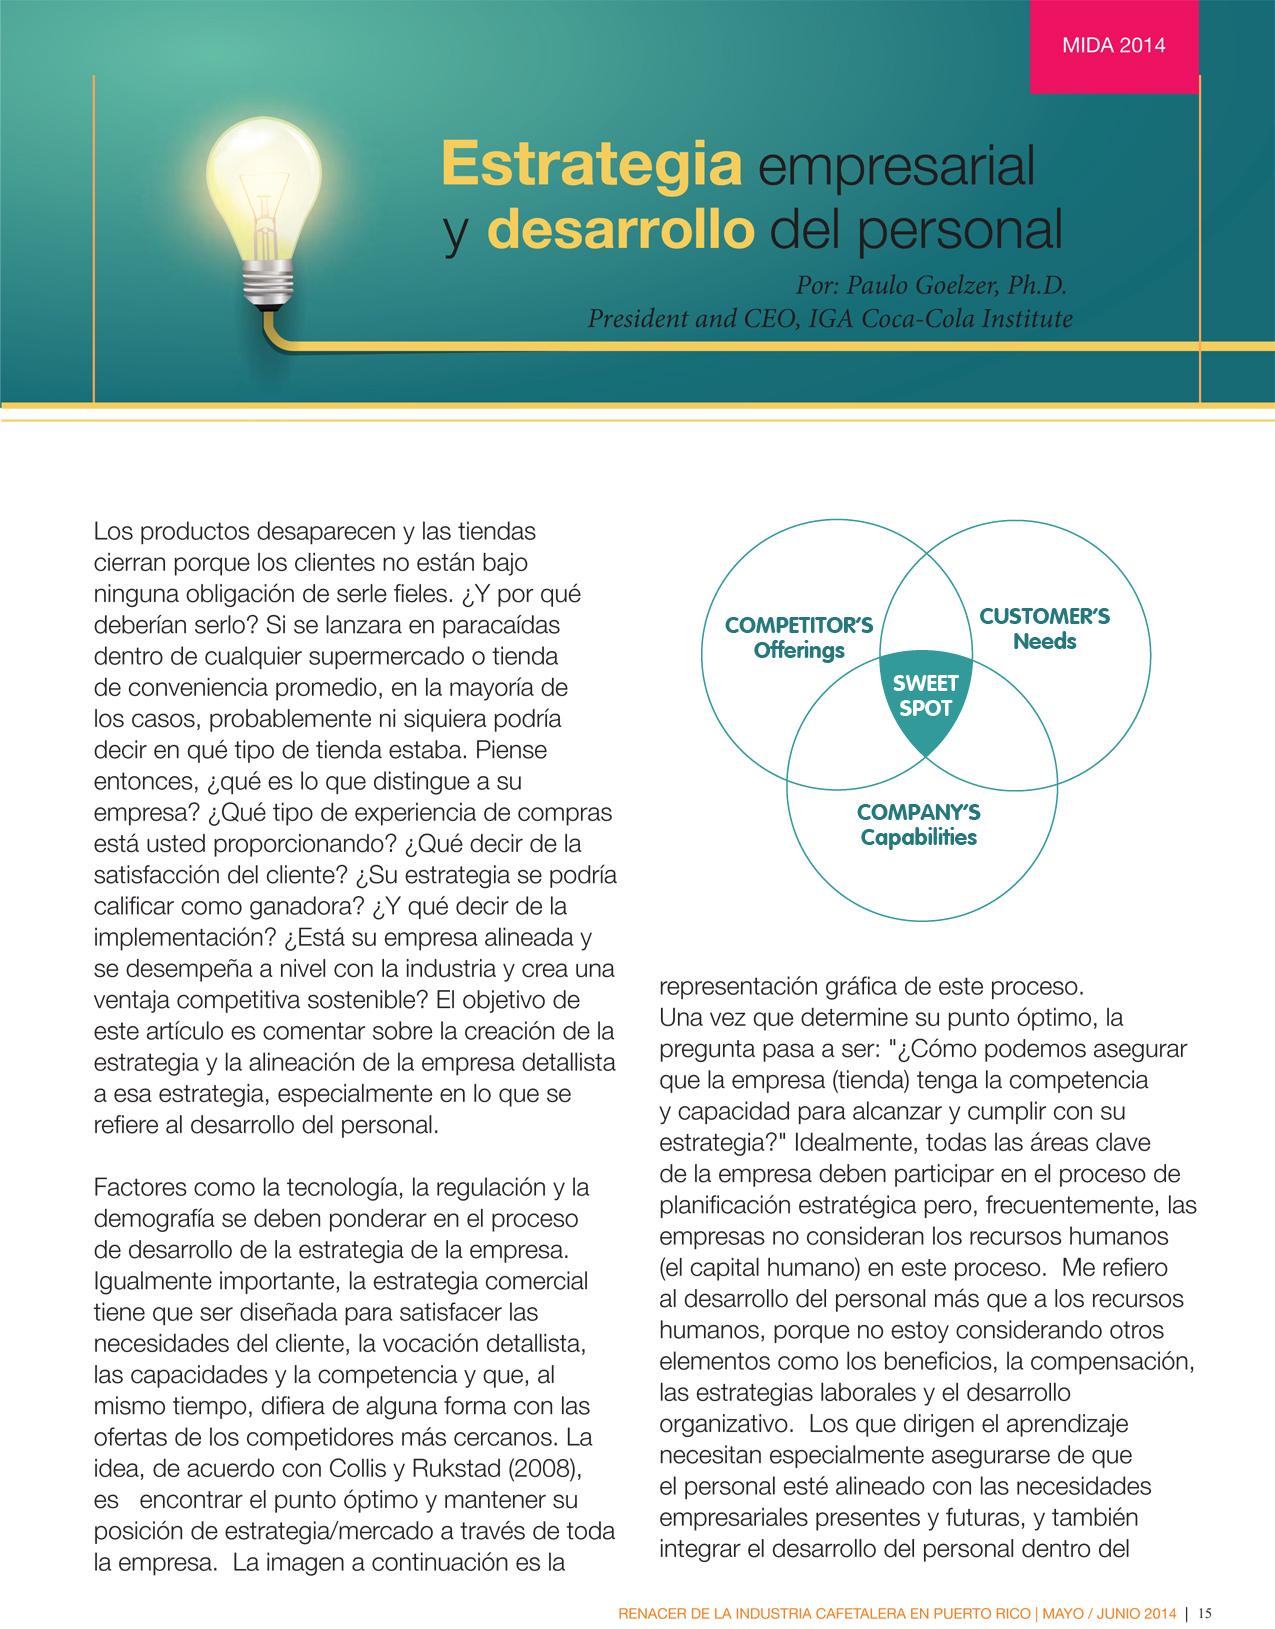 Estrategia empresarial y desarrollo del personal